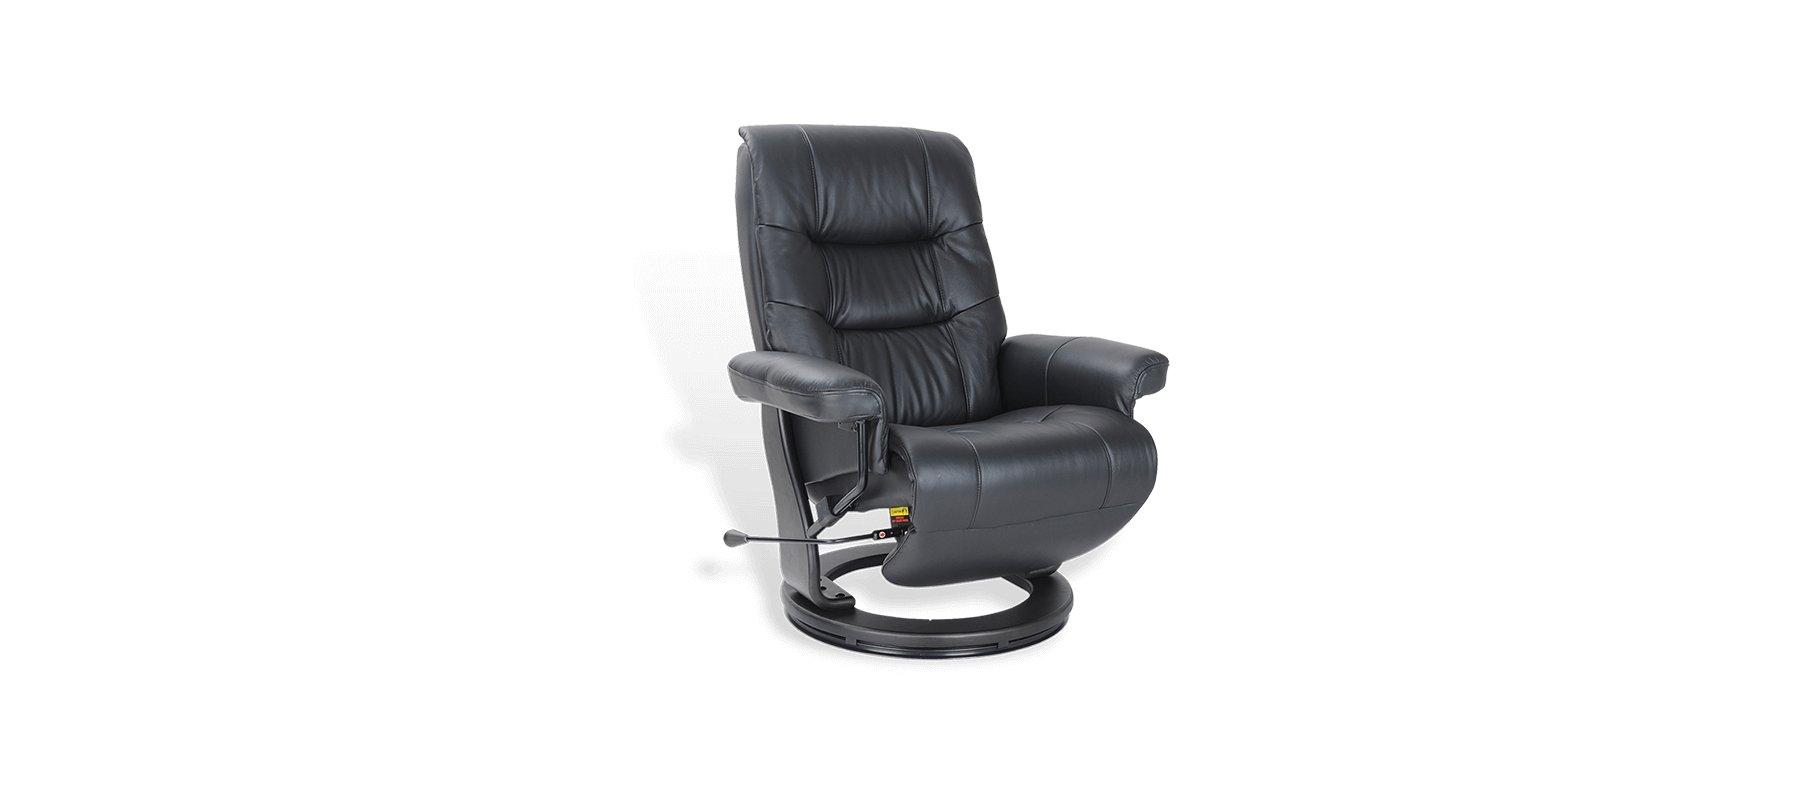 Fauteuil relaxation en cuir SEVILLE - 85,5 cm